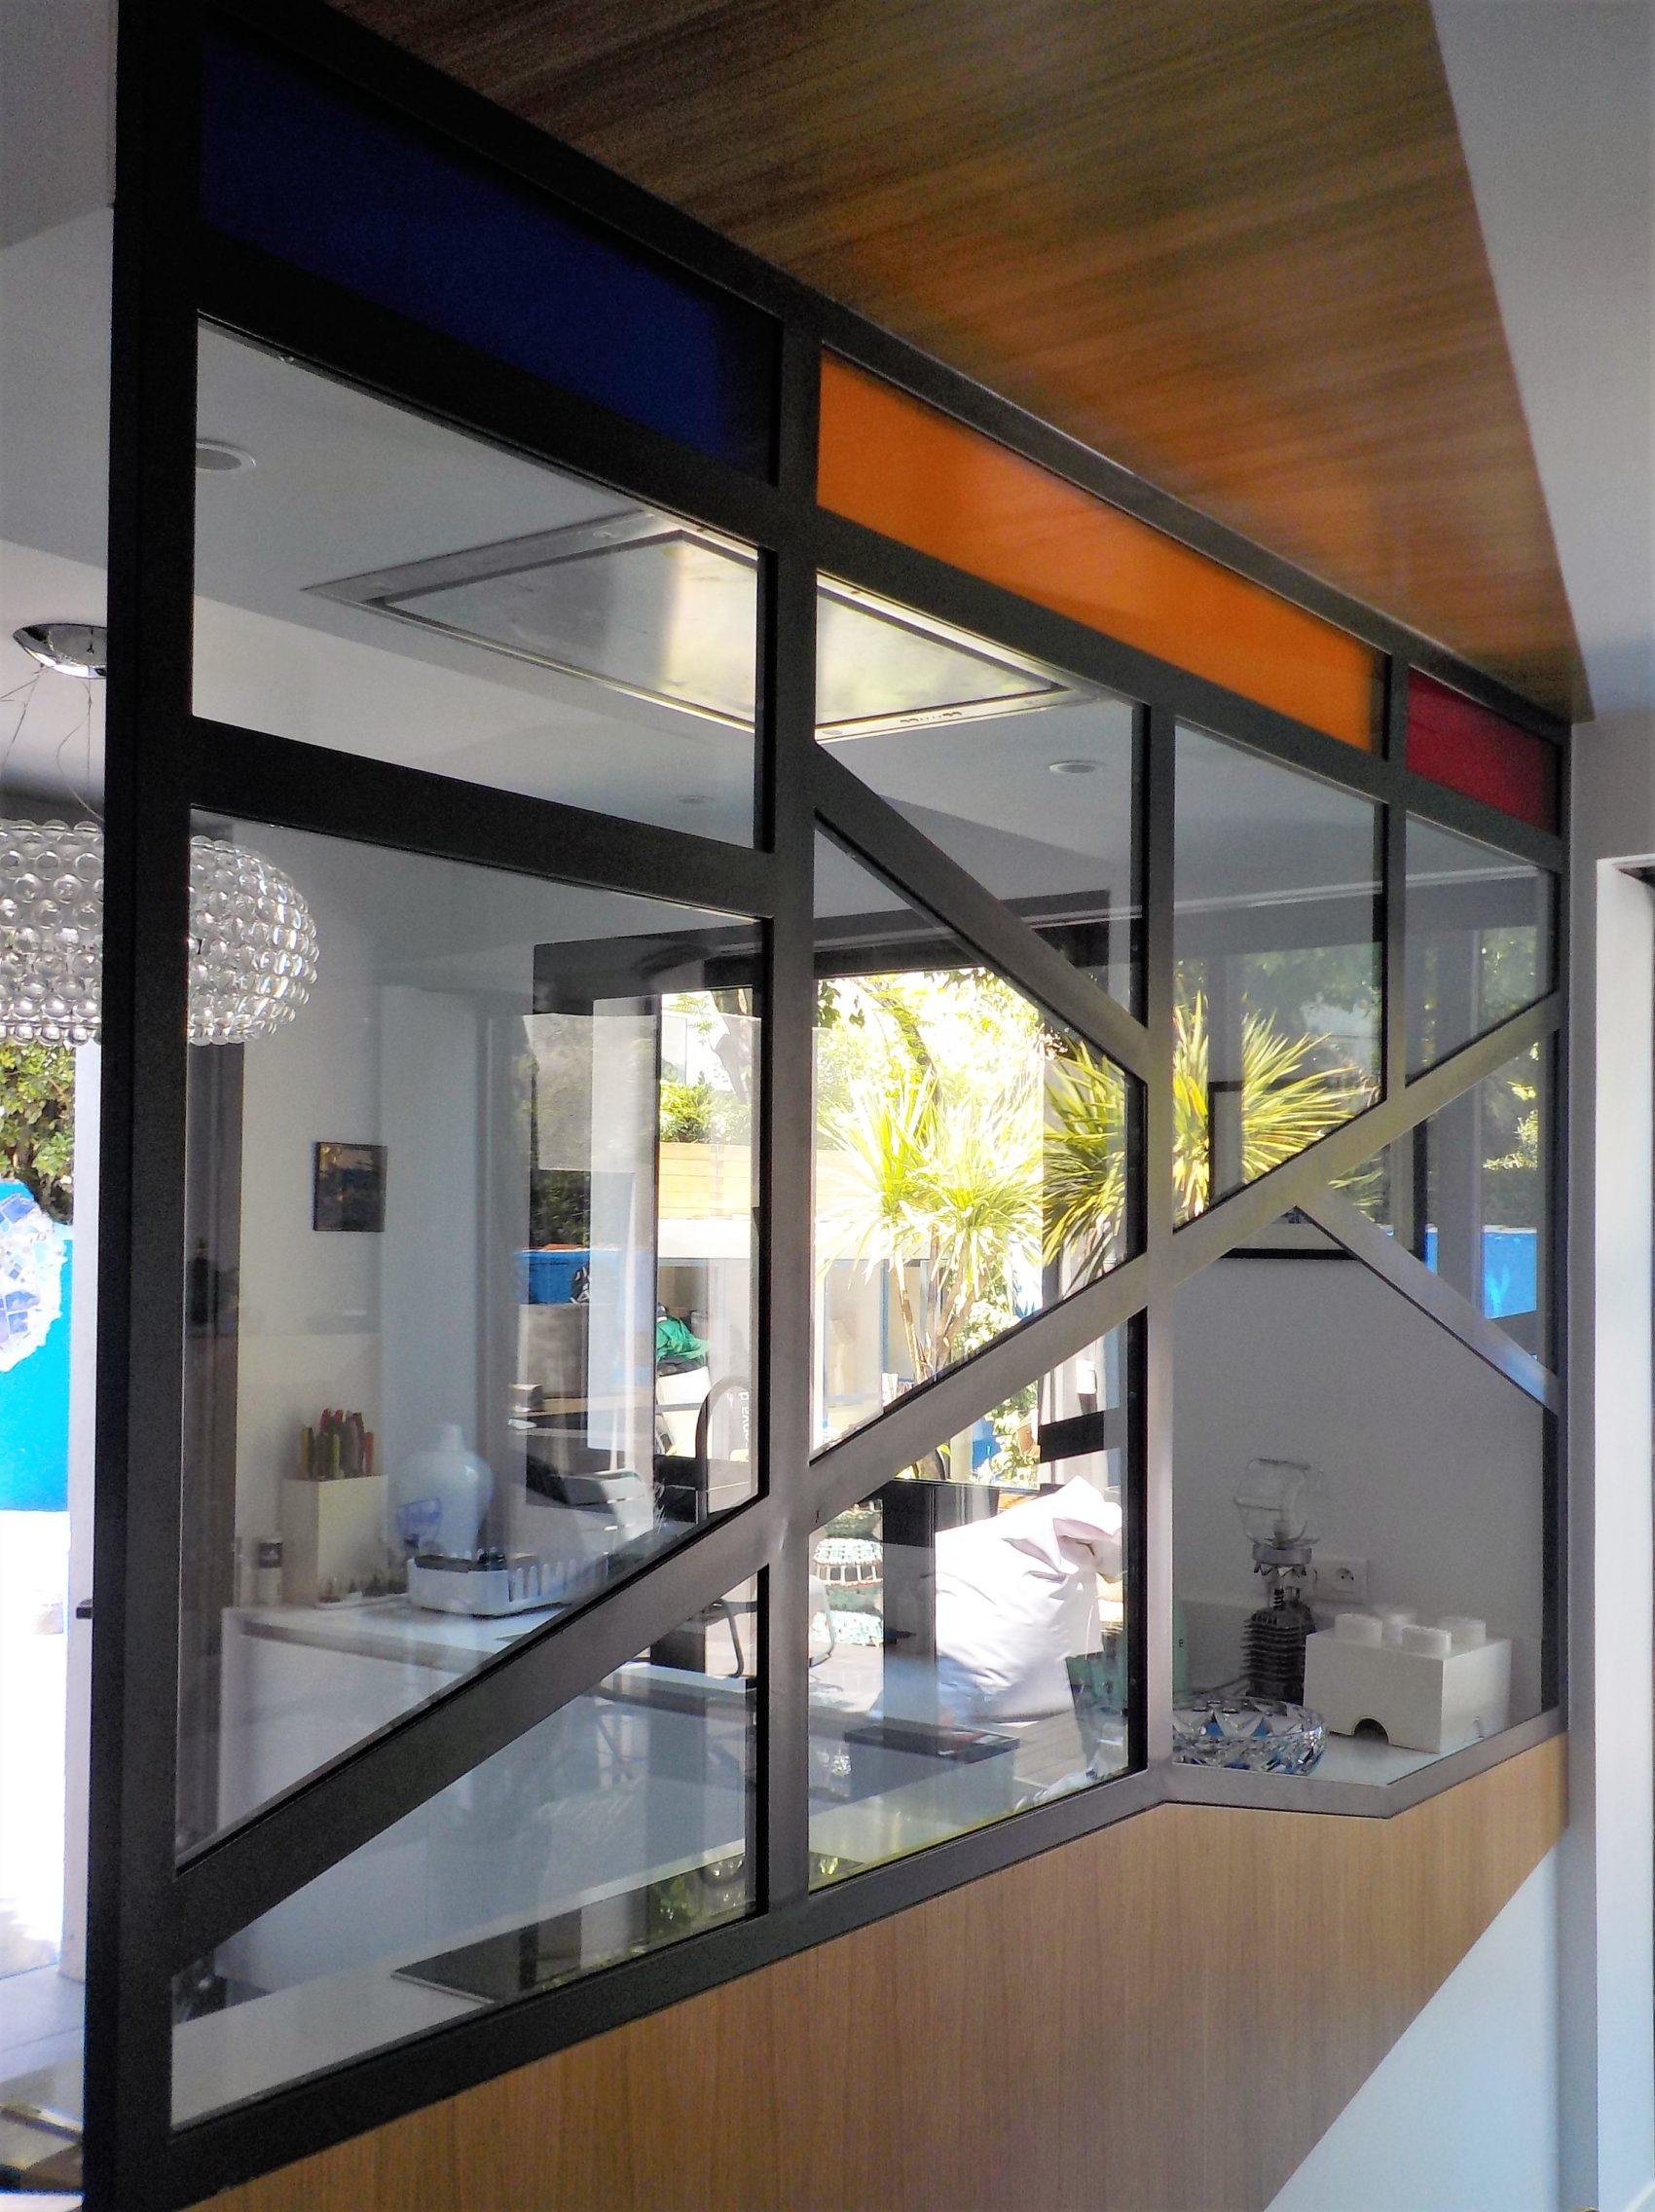 verrière cuisine avec verres colorés acier - Inoxngo